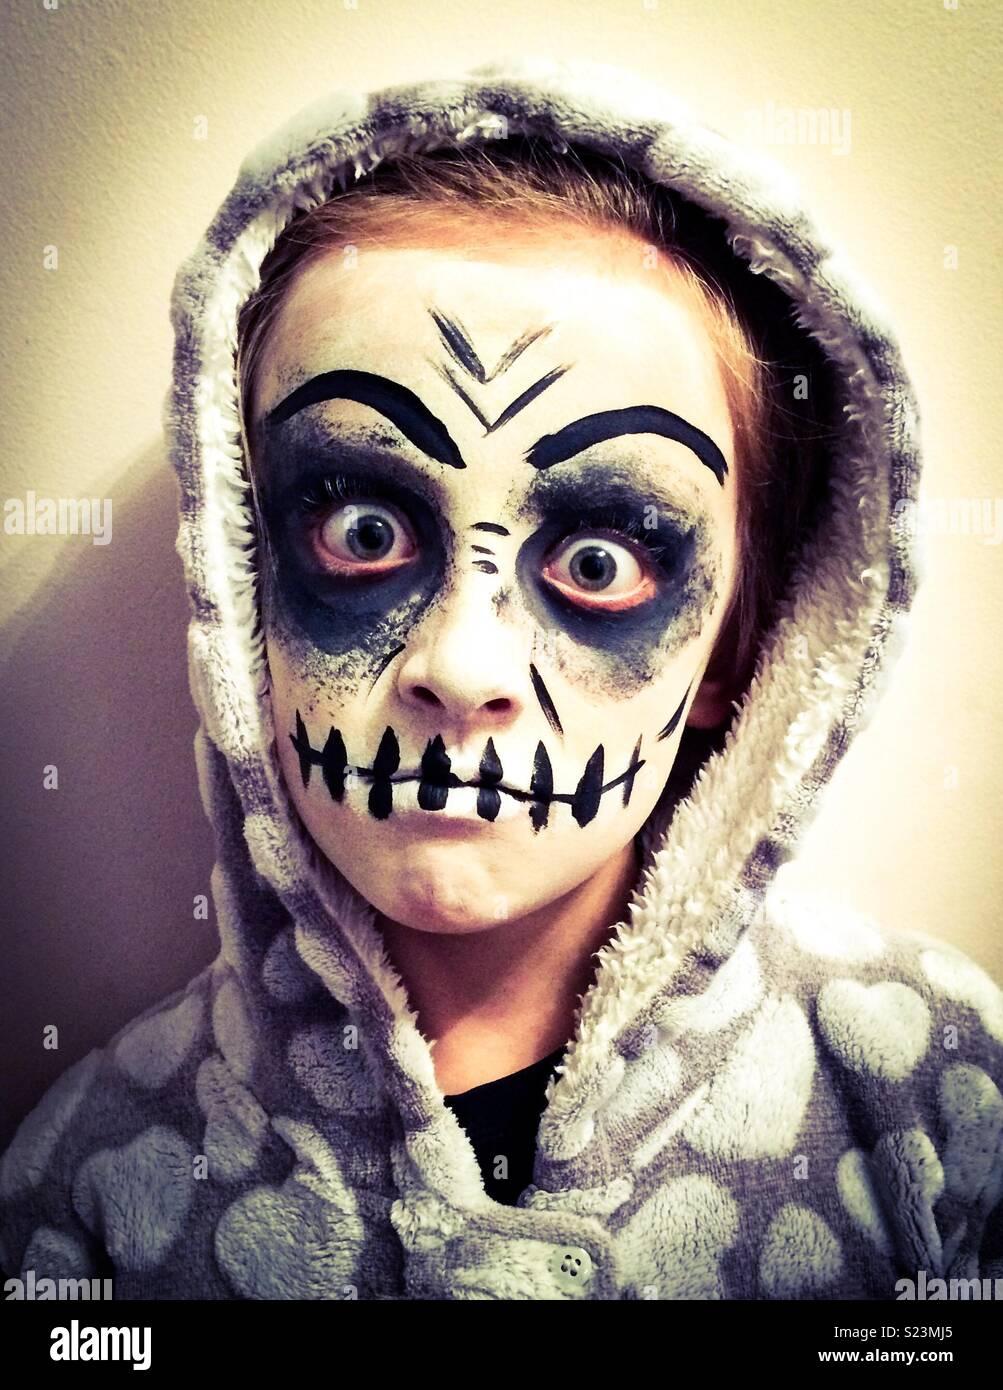 Halloween Imagen De Stock